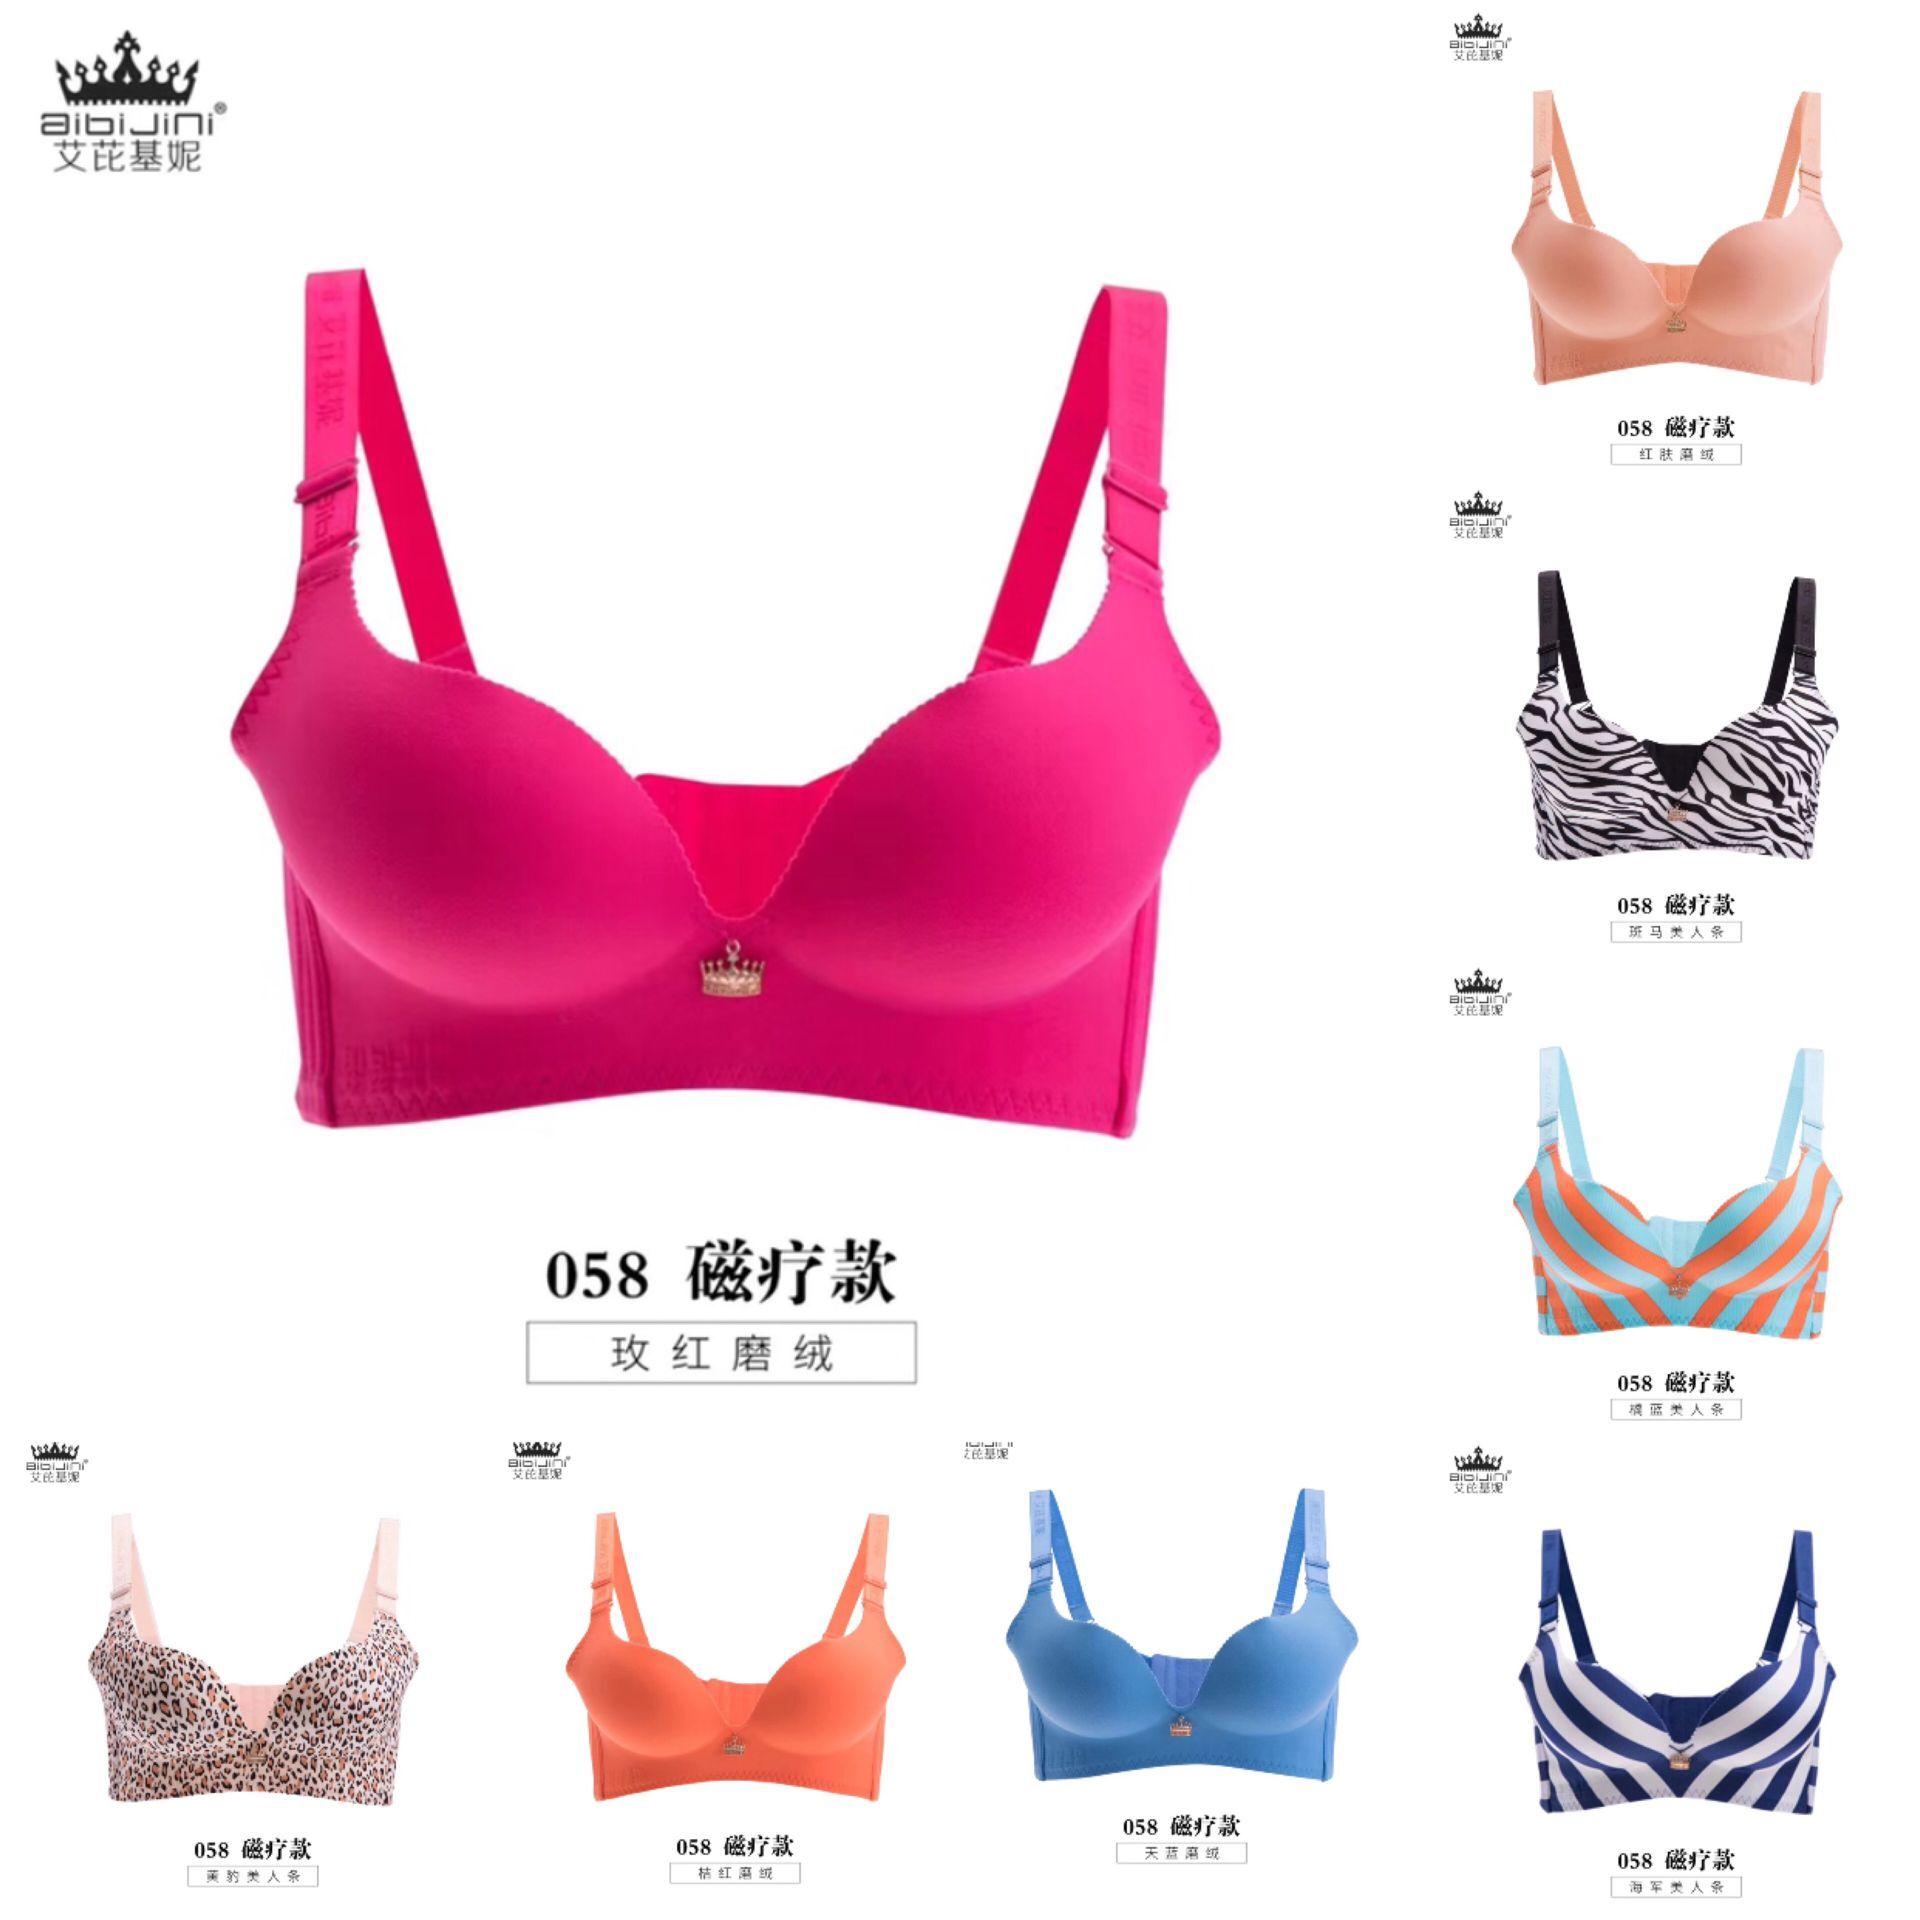 Ai Ke Jin Ni đồ lót mà không cần vòng thép điều chỉnh loại tập hợp từ trị liệu áo ngực Ai mặc bikini áo ngực chống võng mở rộng